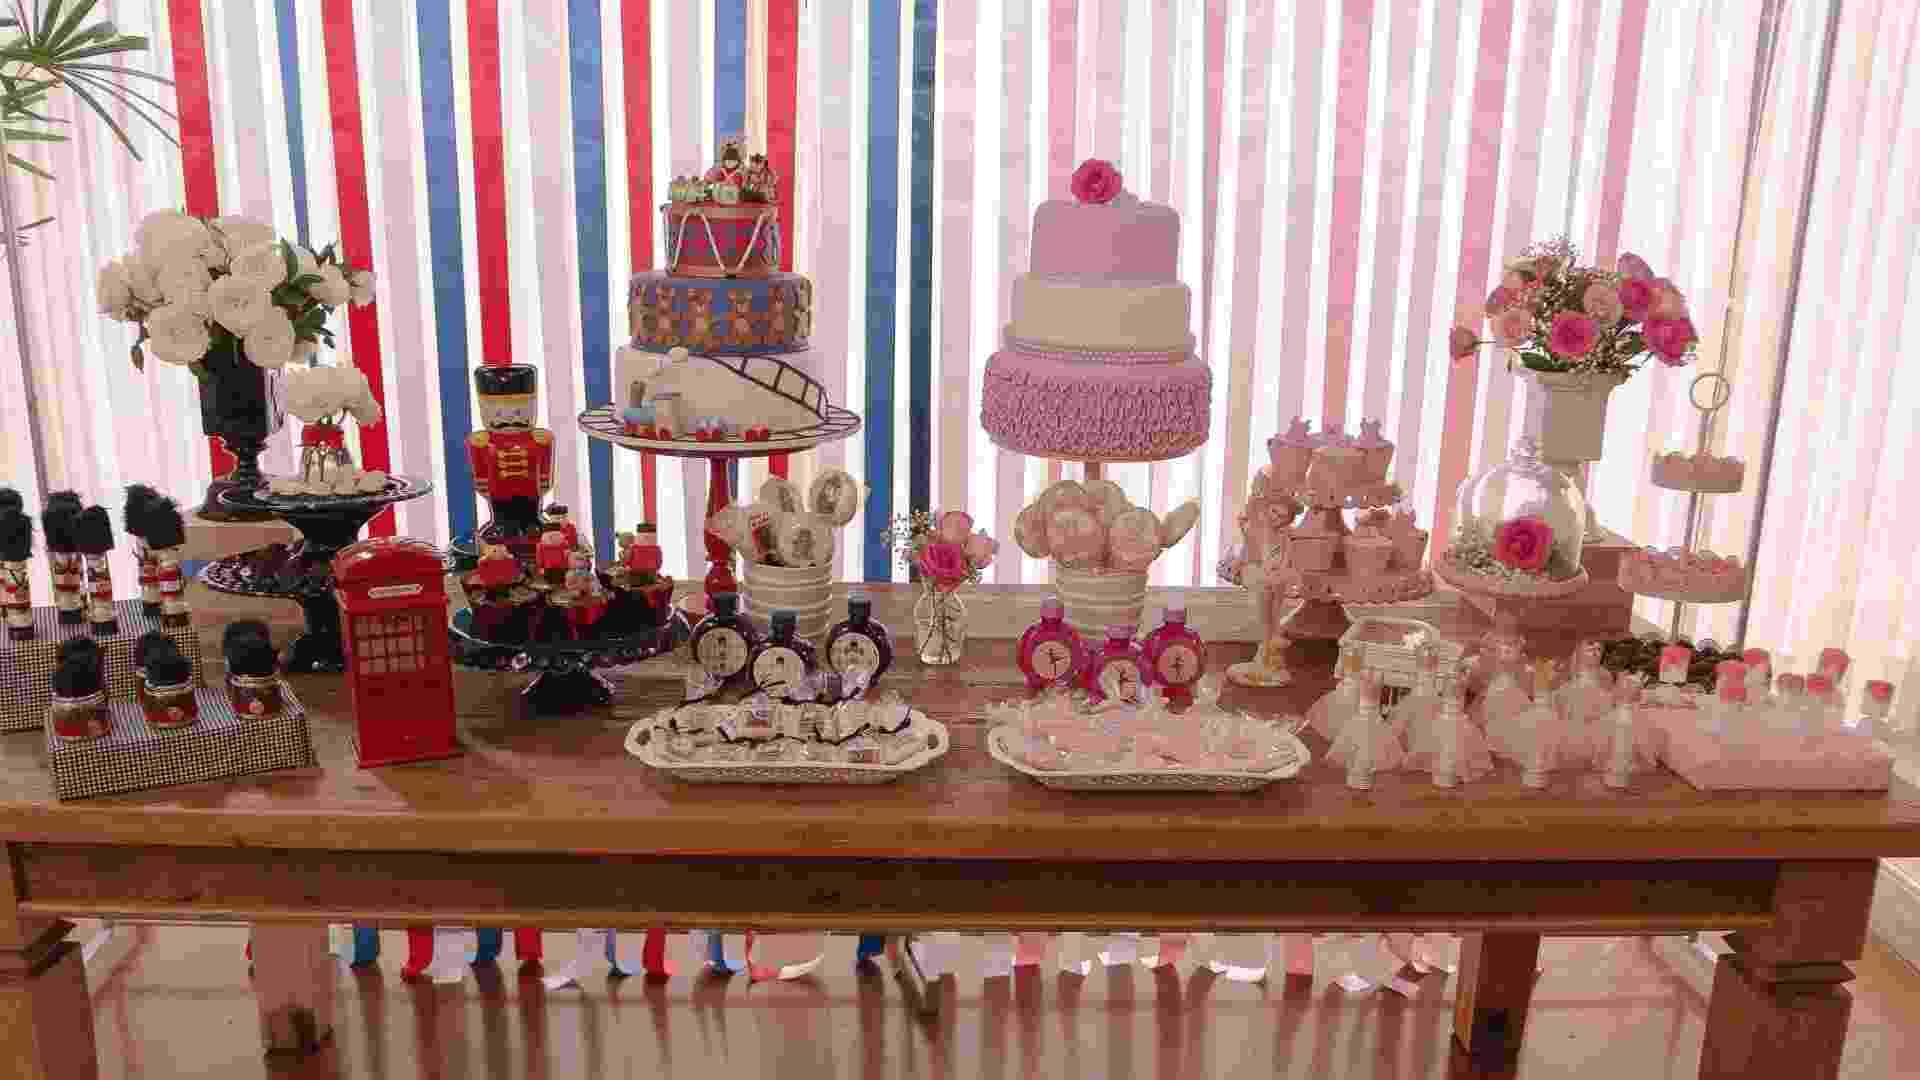 festa de aniversário de gêmeos com decoração de soldadinho de chumbo e bailarina | As decoradoras de festas Marcia Mesquita (www.facebook.com/MarciaMesquitaFestasEventos), Paula Picolli (www.facebook.com/paulapicollifestas), Lucimara Visini (www.facebook.com/surpresasdalu) e Andréia Amorim (www.facebook.com/DecorAmorFestaseEventos) se juntaram para criar o aniversário de um ano dos gêmeos Maria Eduarda e João Vitor - Arturo Dinardo/Divulgação